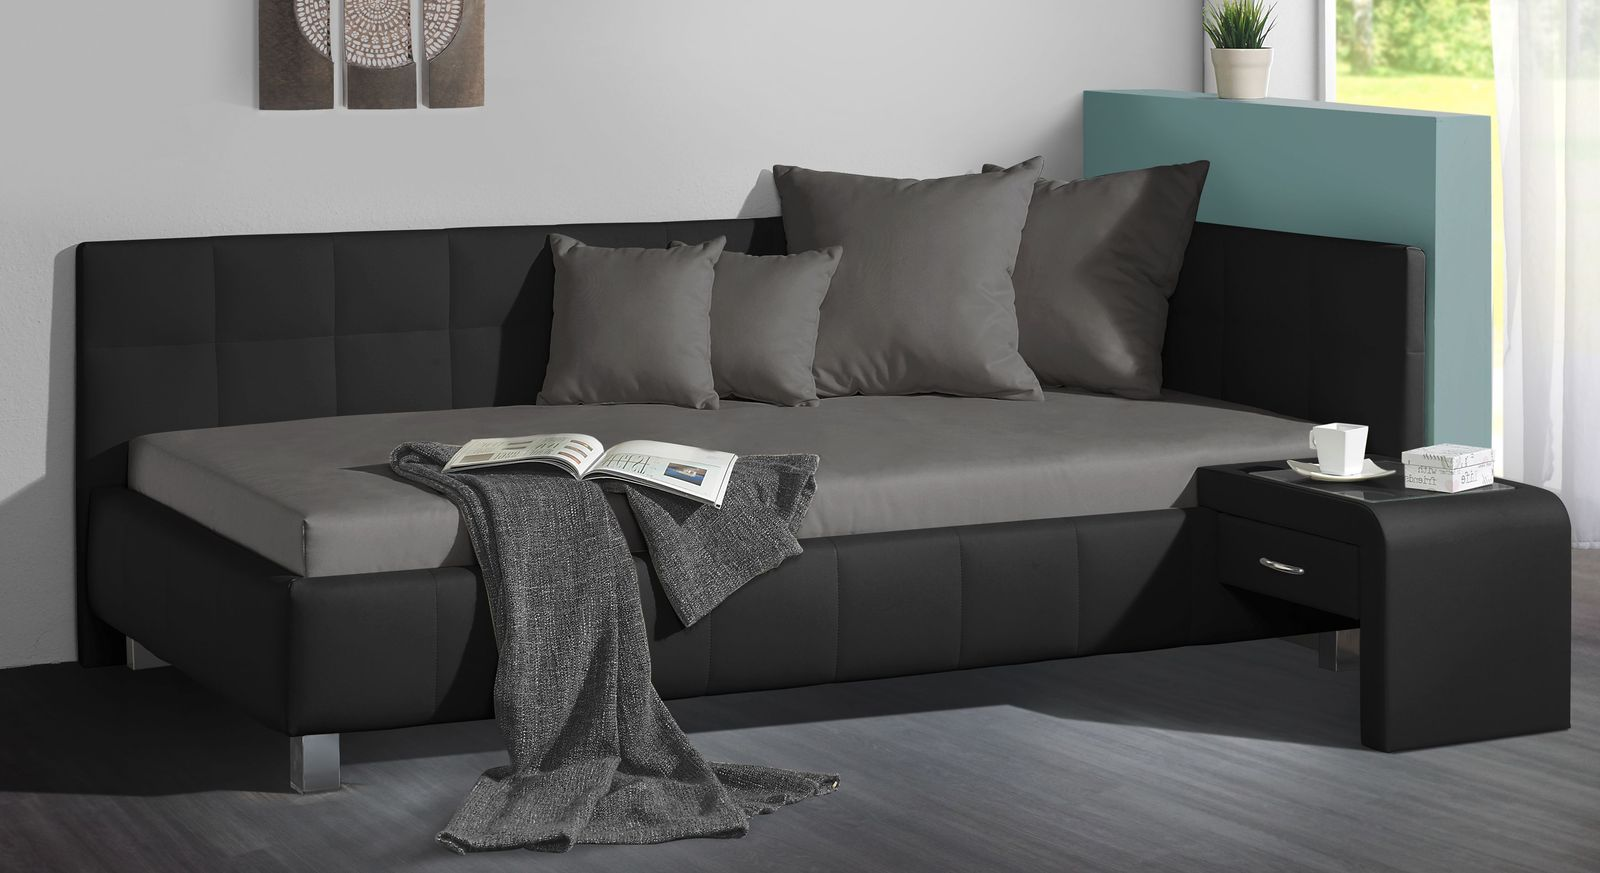 Studioliege Nuca in der Farbkombination schwarz und dunkelgrau